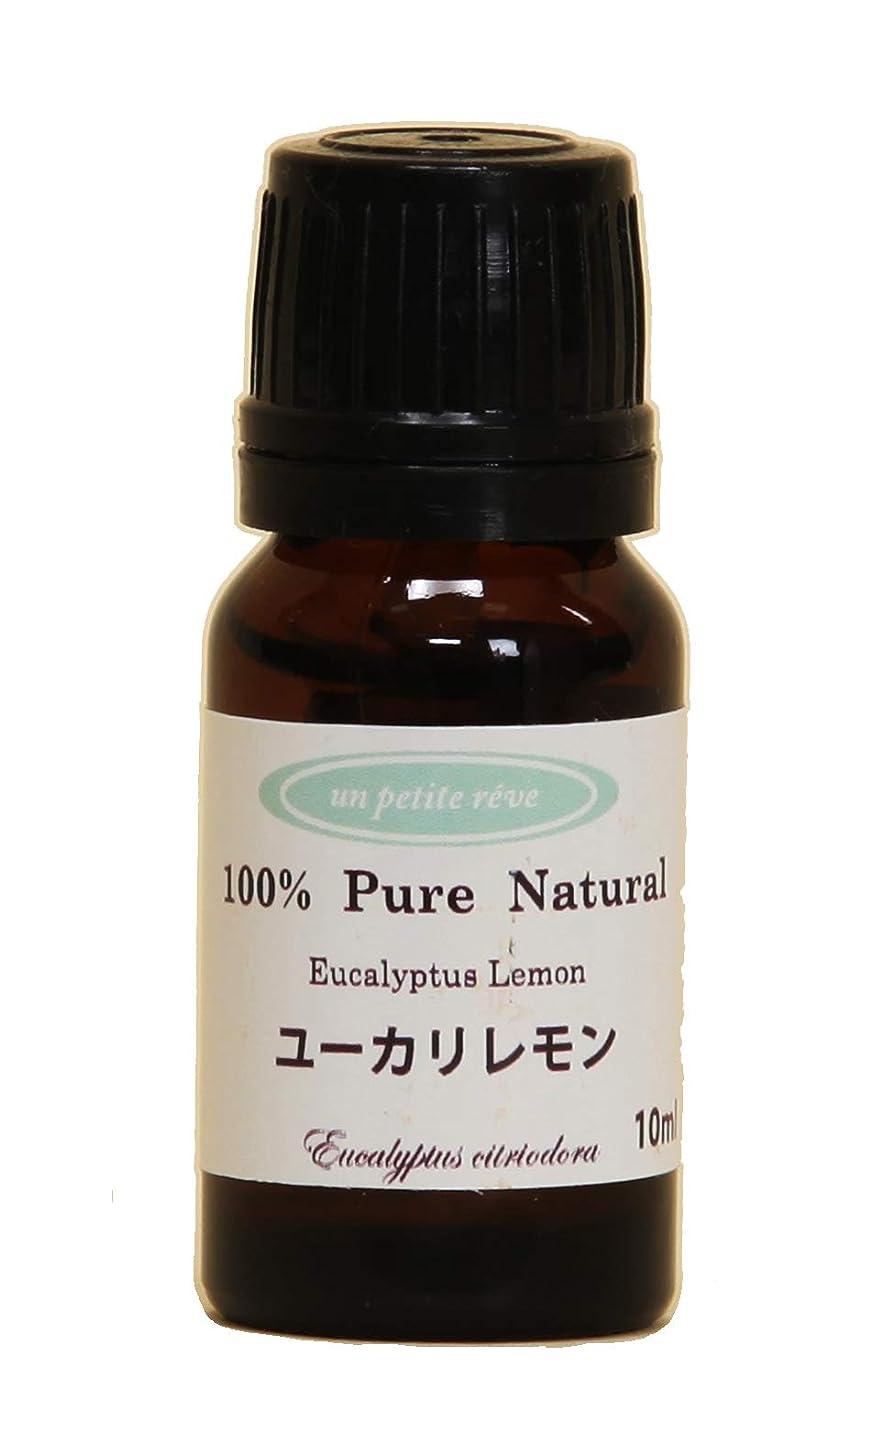 タクトかまどパーツユーカリレモン 10ml 100%天然アロマエッセンシャルオイル(精油)